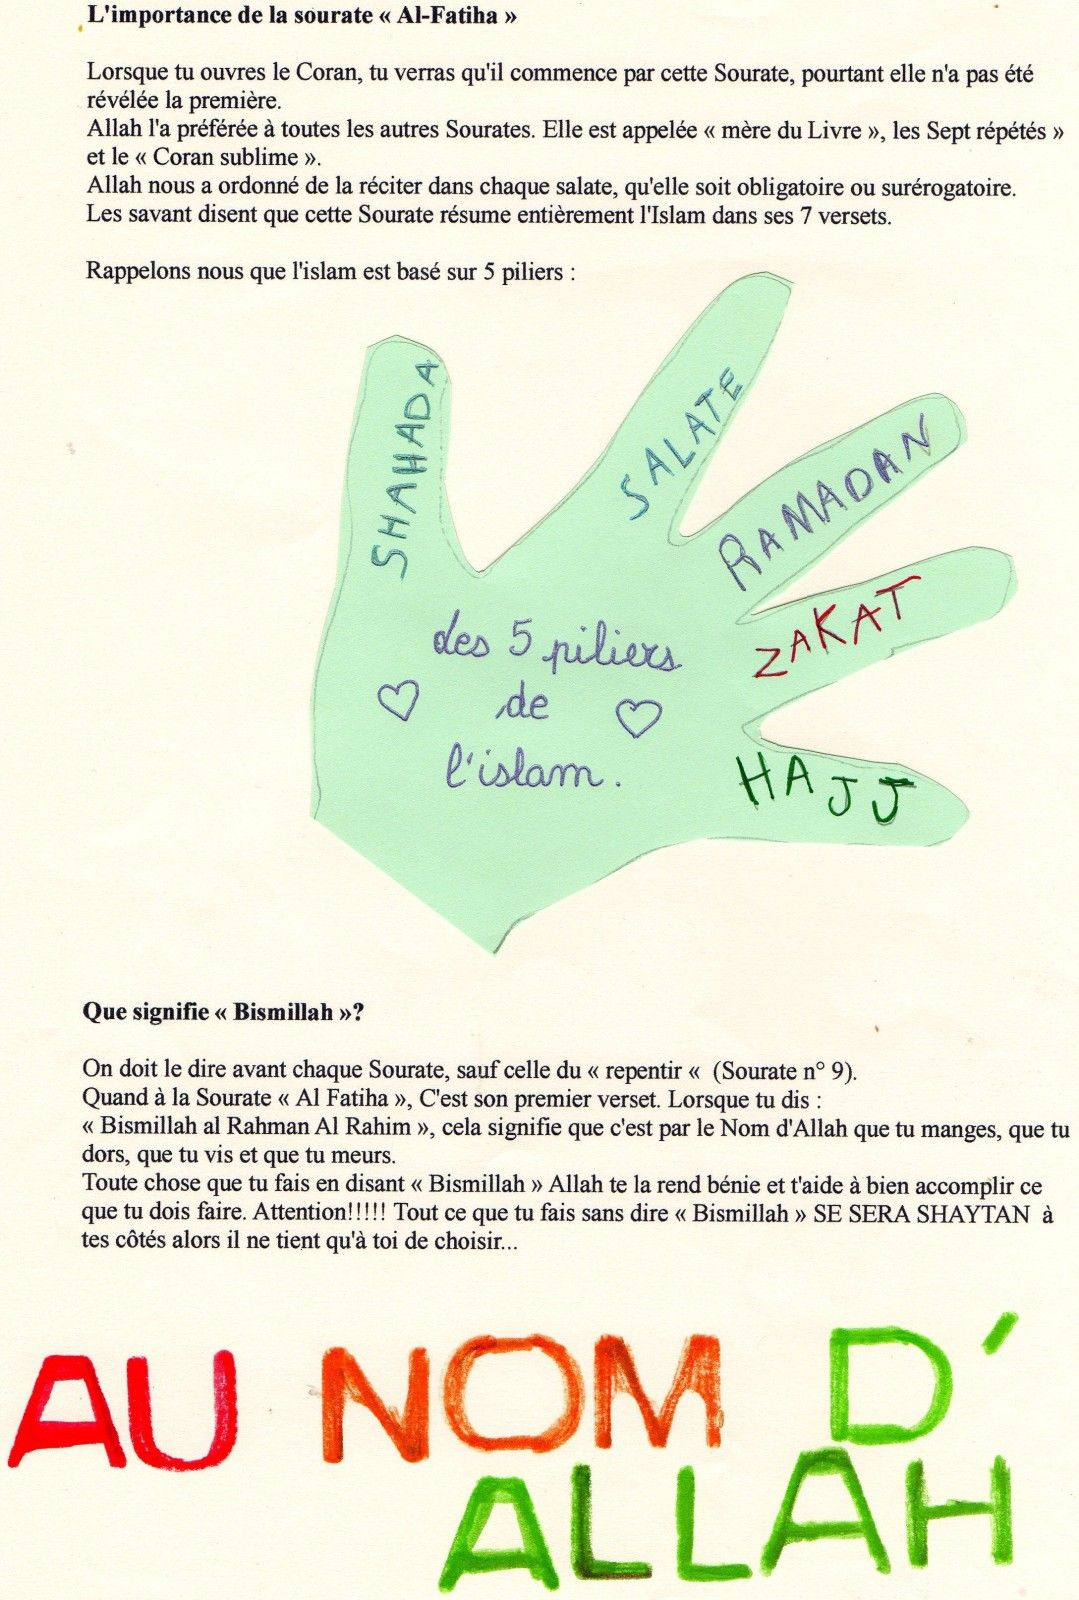 Les 5 Piliers De L'islam : piliers, l'islam, Piliers, L'Islam;, L'importance, Fatiha, Coran,, Islam,, Ramadan